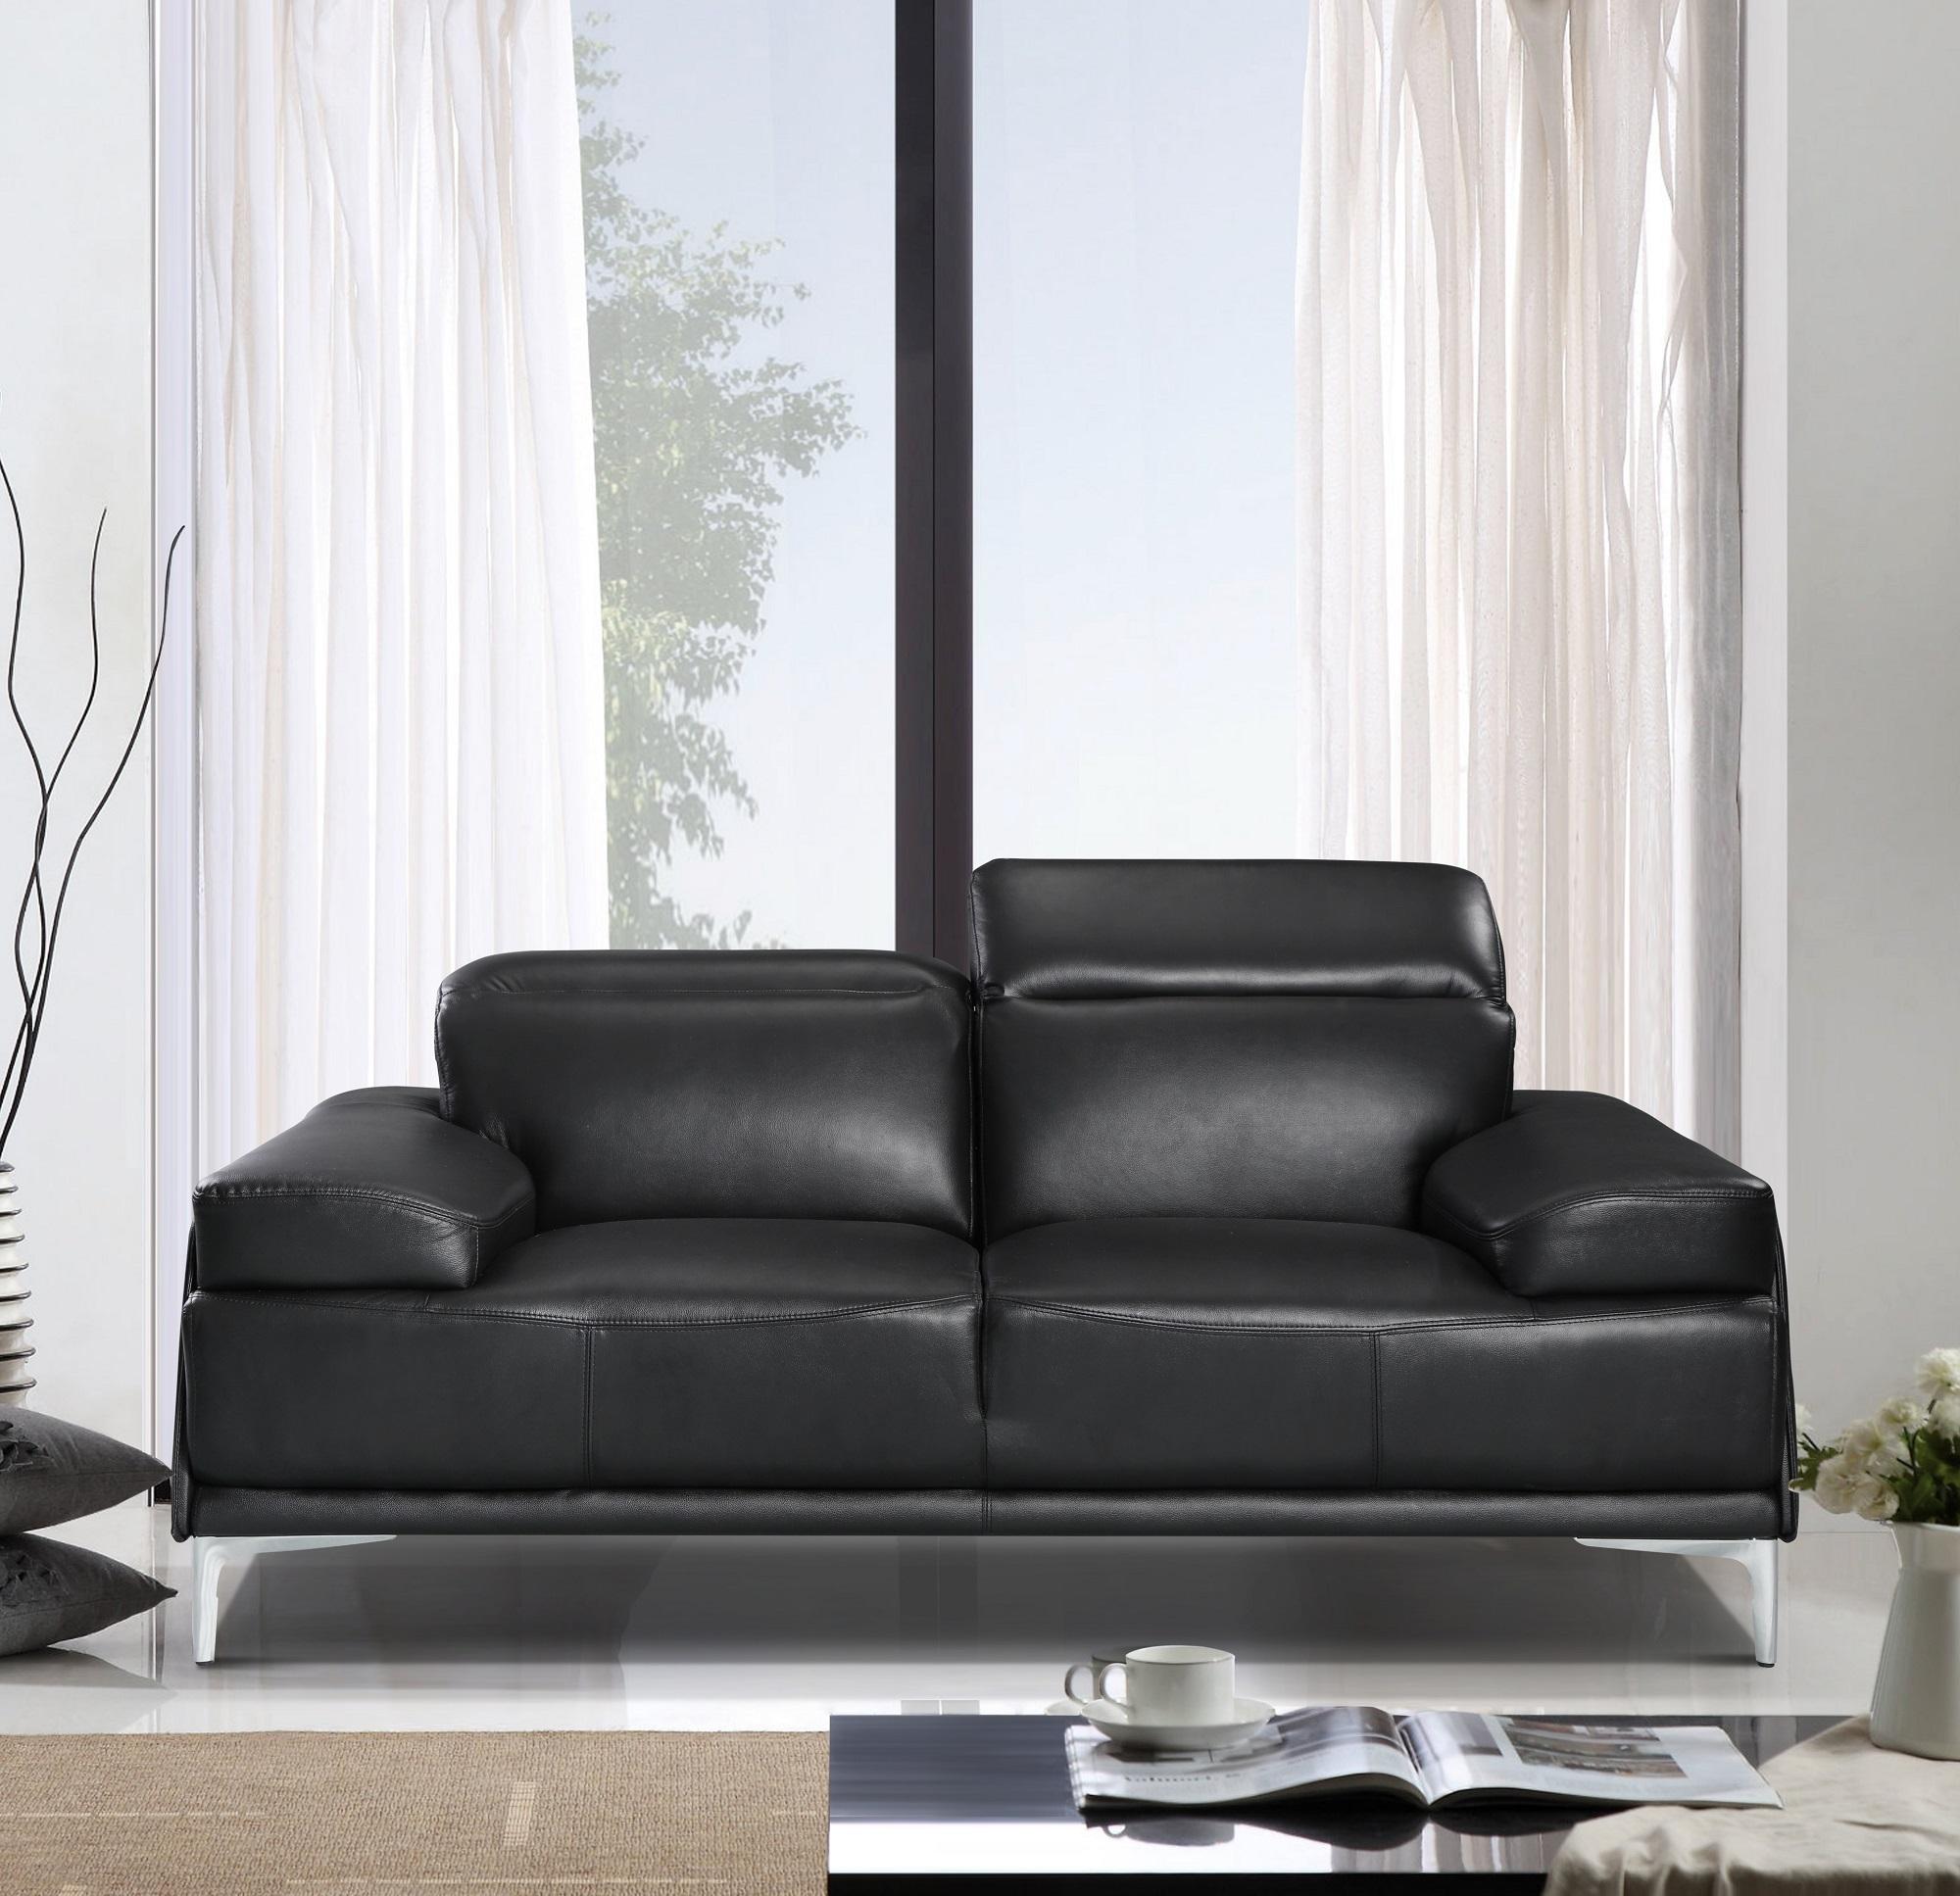 contemporary black leather living room sofa set